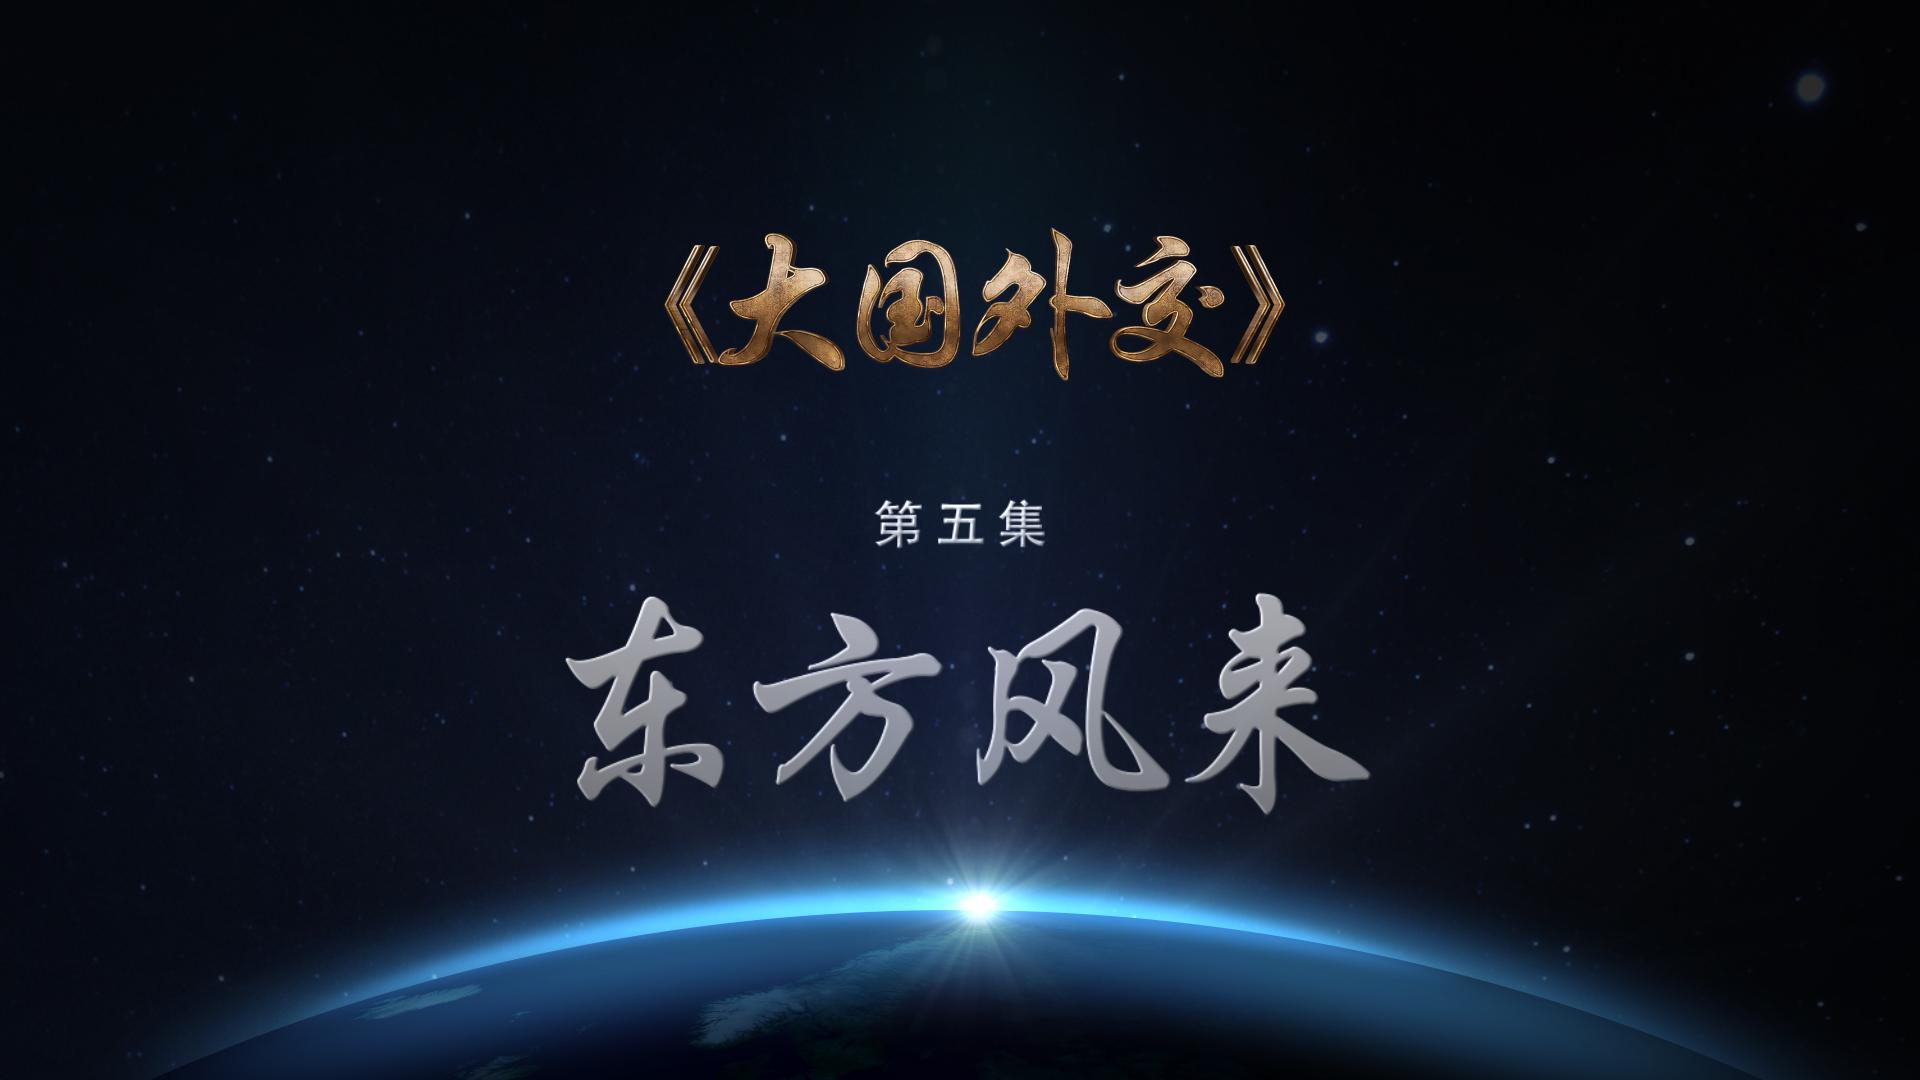 大型政论专题片《大国外交》今晚播出第五集《东方风来》